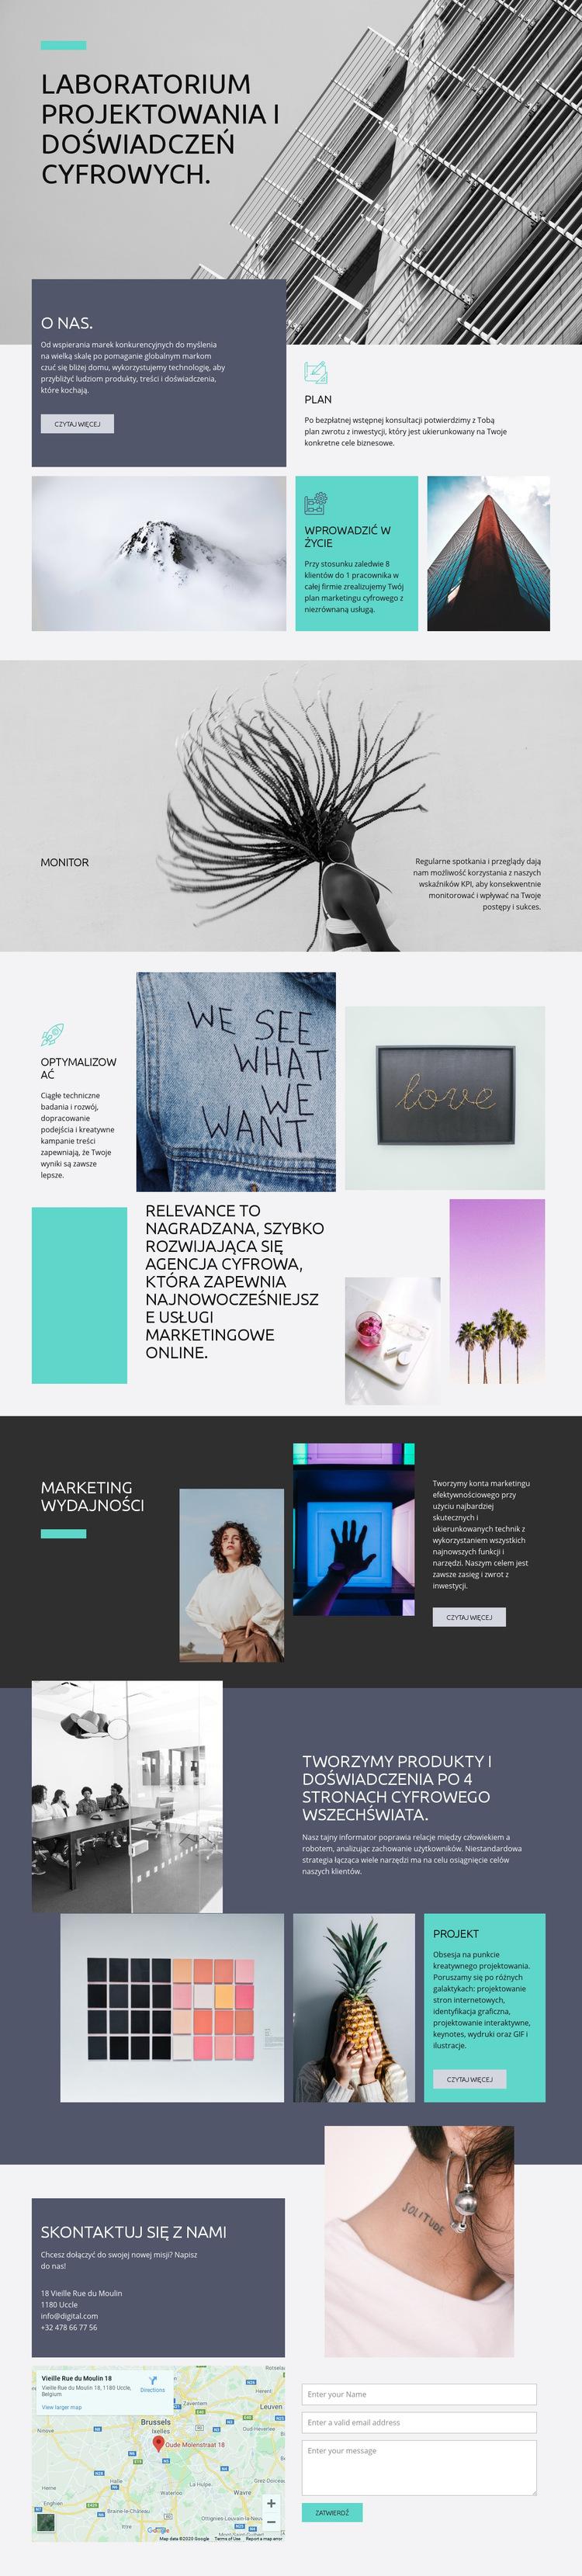 Kreatywne laboratorium sztuki cyfrowej Szablon witryny sieci Web